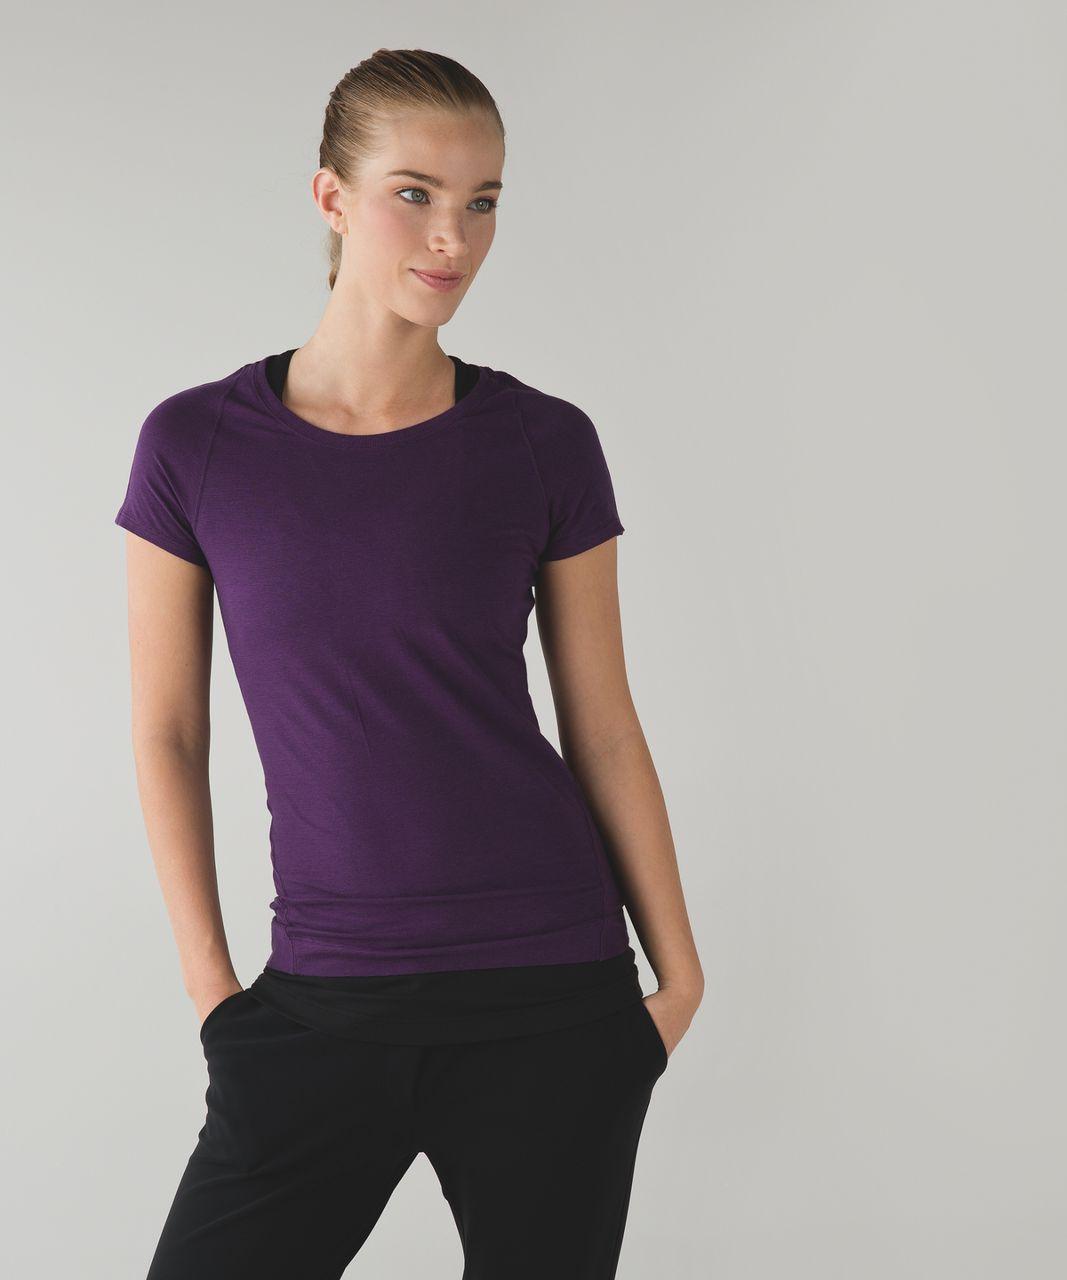 Lululemon Let Be Short Sleeve Tee - Wee Stripe Tender Violet Black